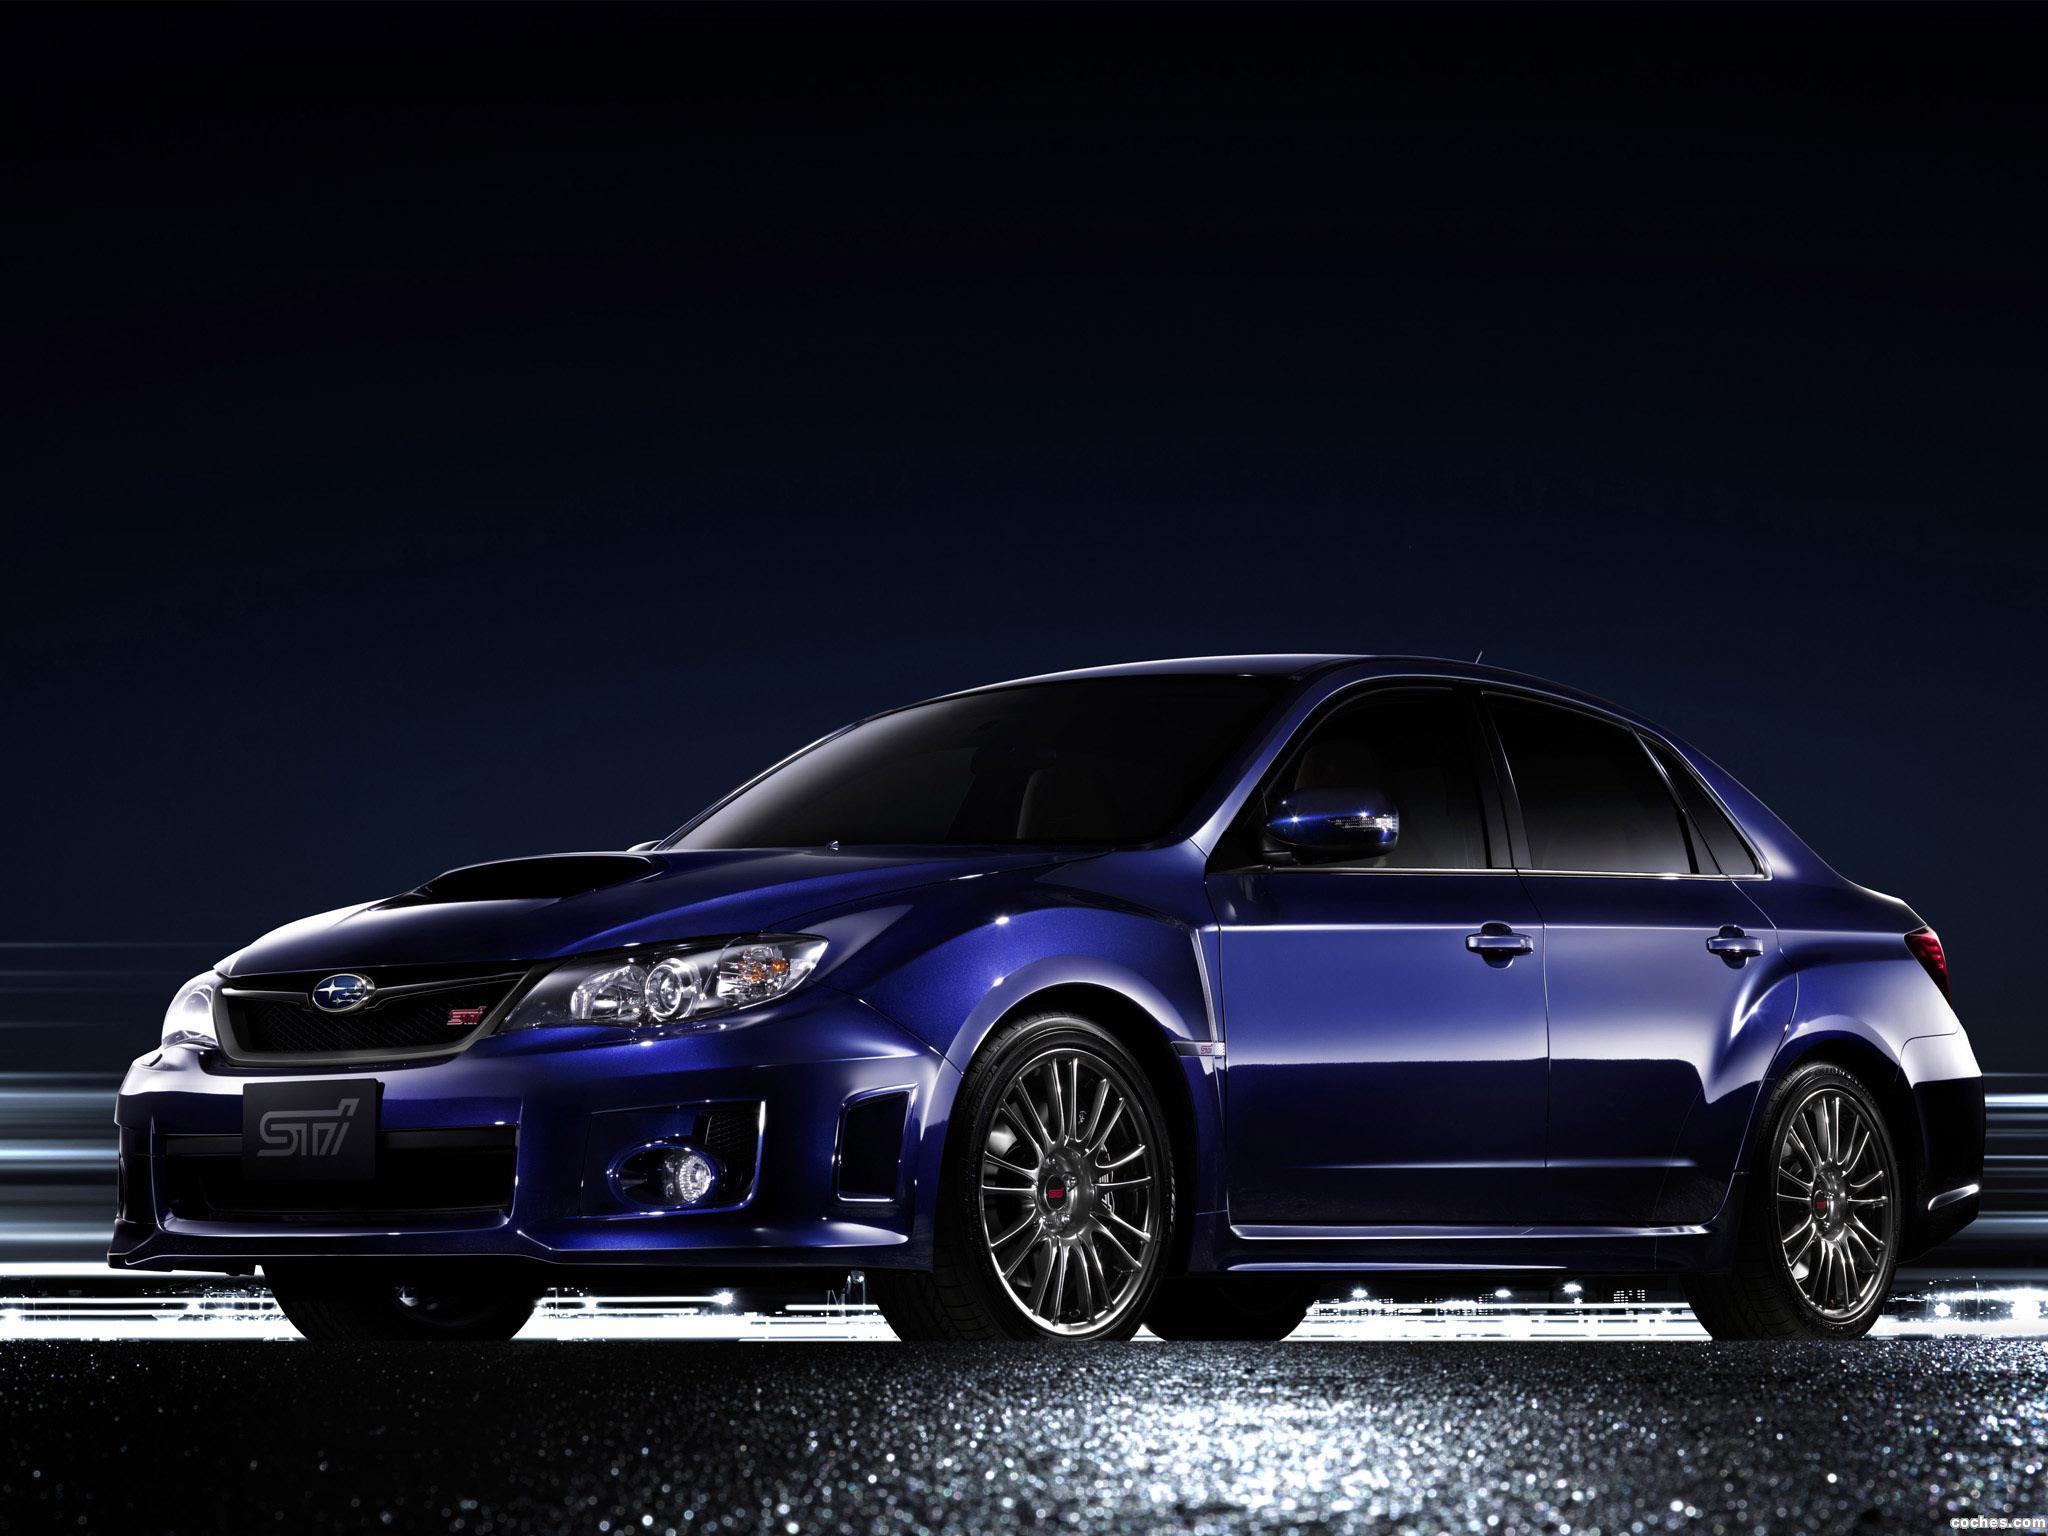 Foto 0 de Subaru Impreza WRX STi Sedan A-Line 2010